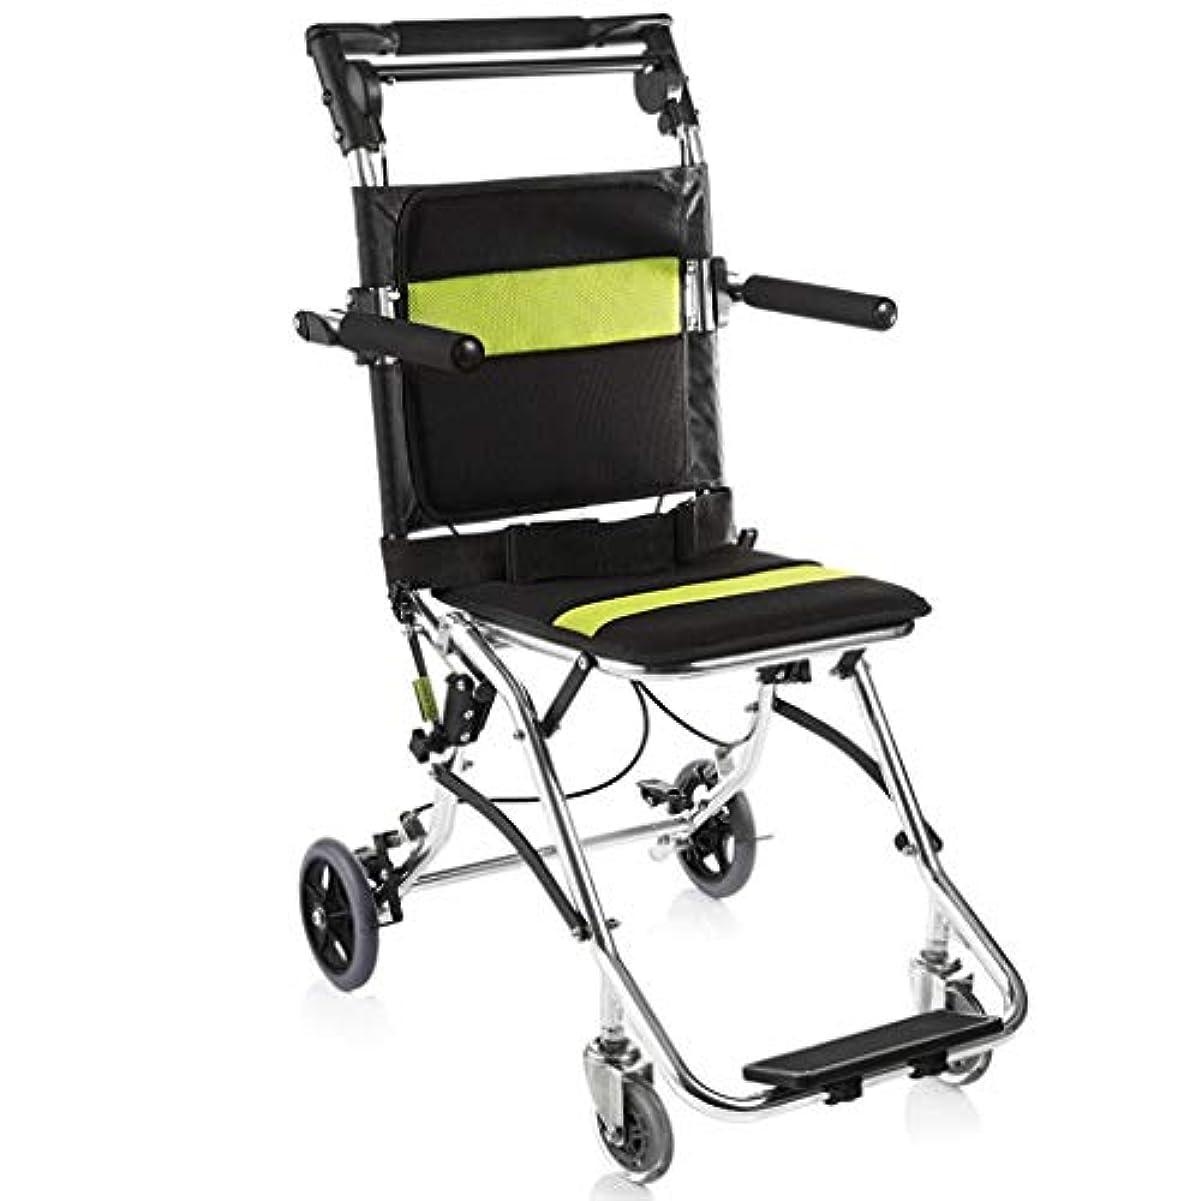 ナプキンケーブルカー退却車椅子折りたたみフルオブリーク/リクライニングデザイン、多機能高齢者ポータブルトロリー、四輪ブレーキ車椅子